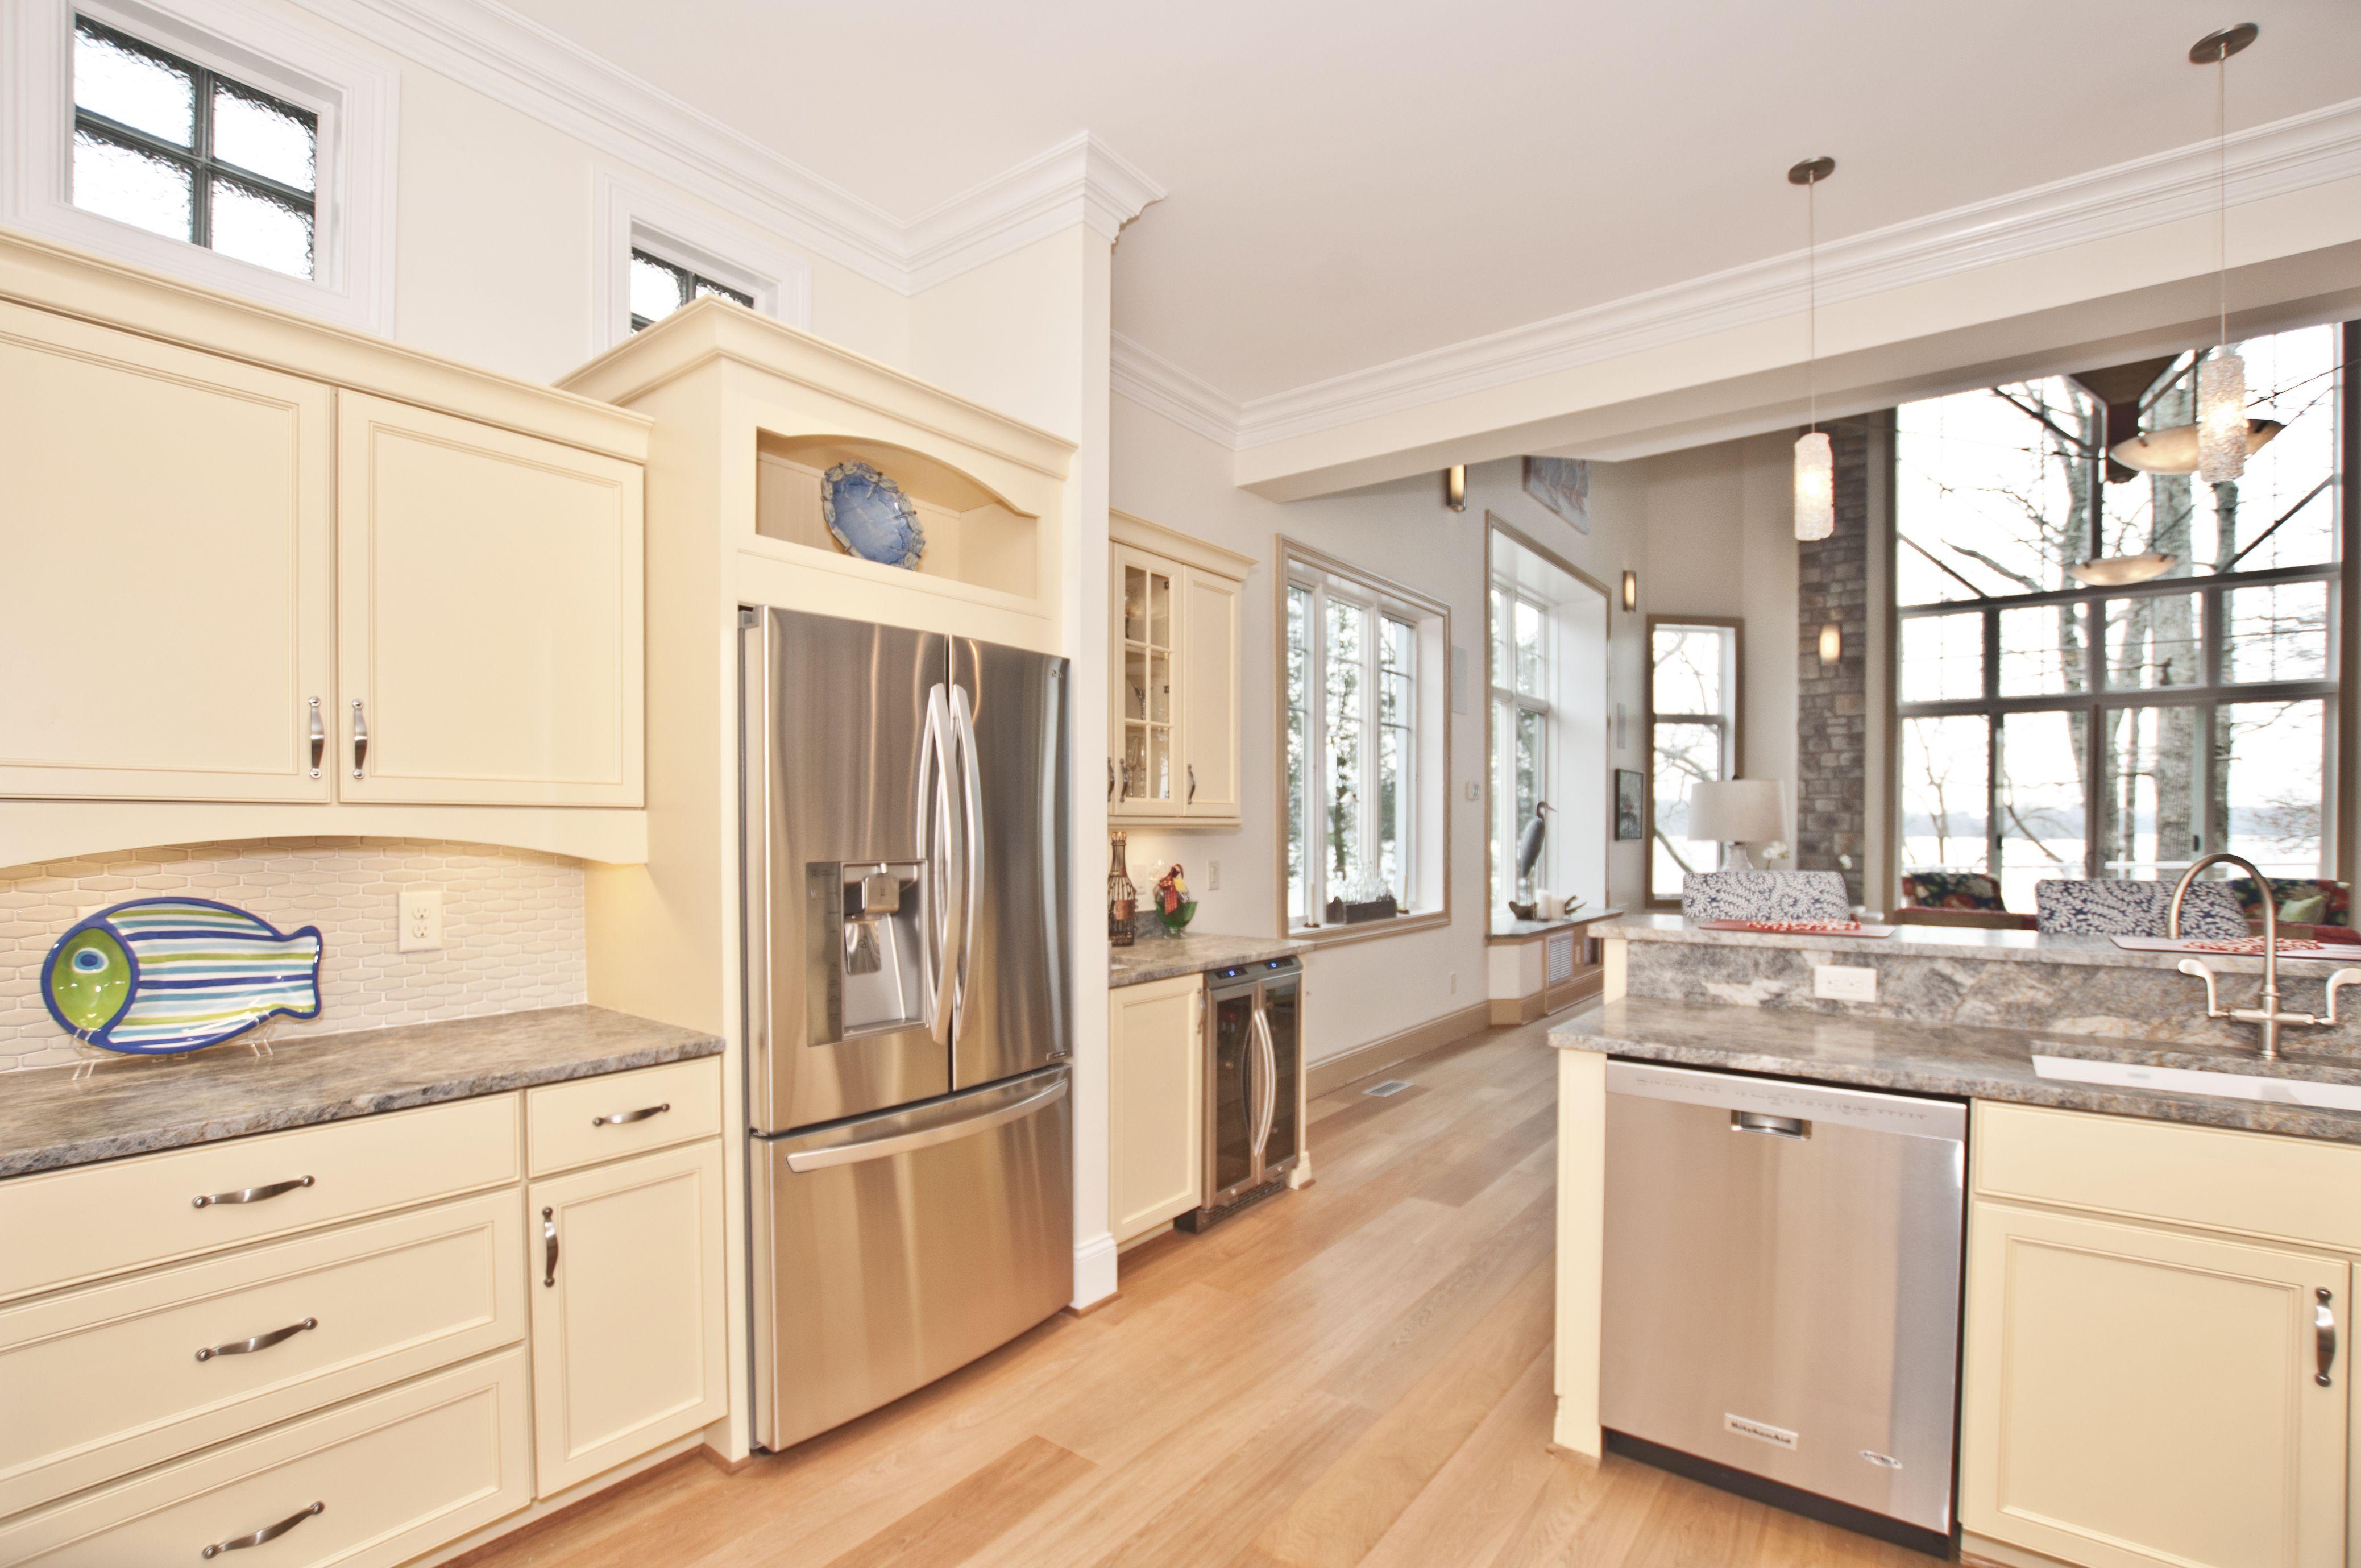 Lake House | Designer: Terri Sears, NKBA | Hermitage Kitchen ...